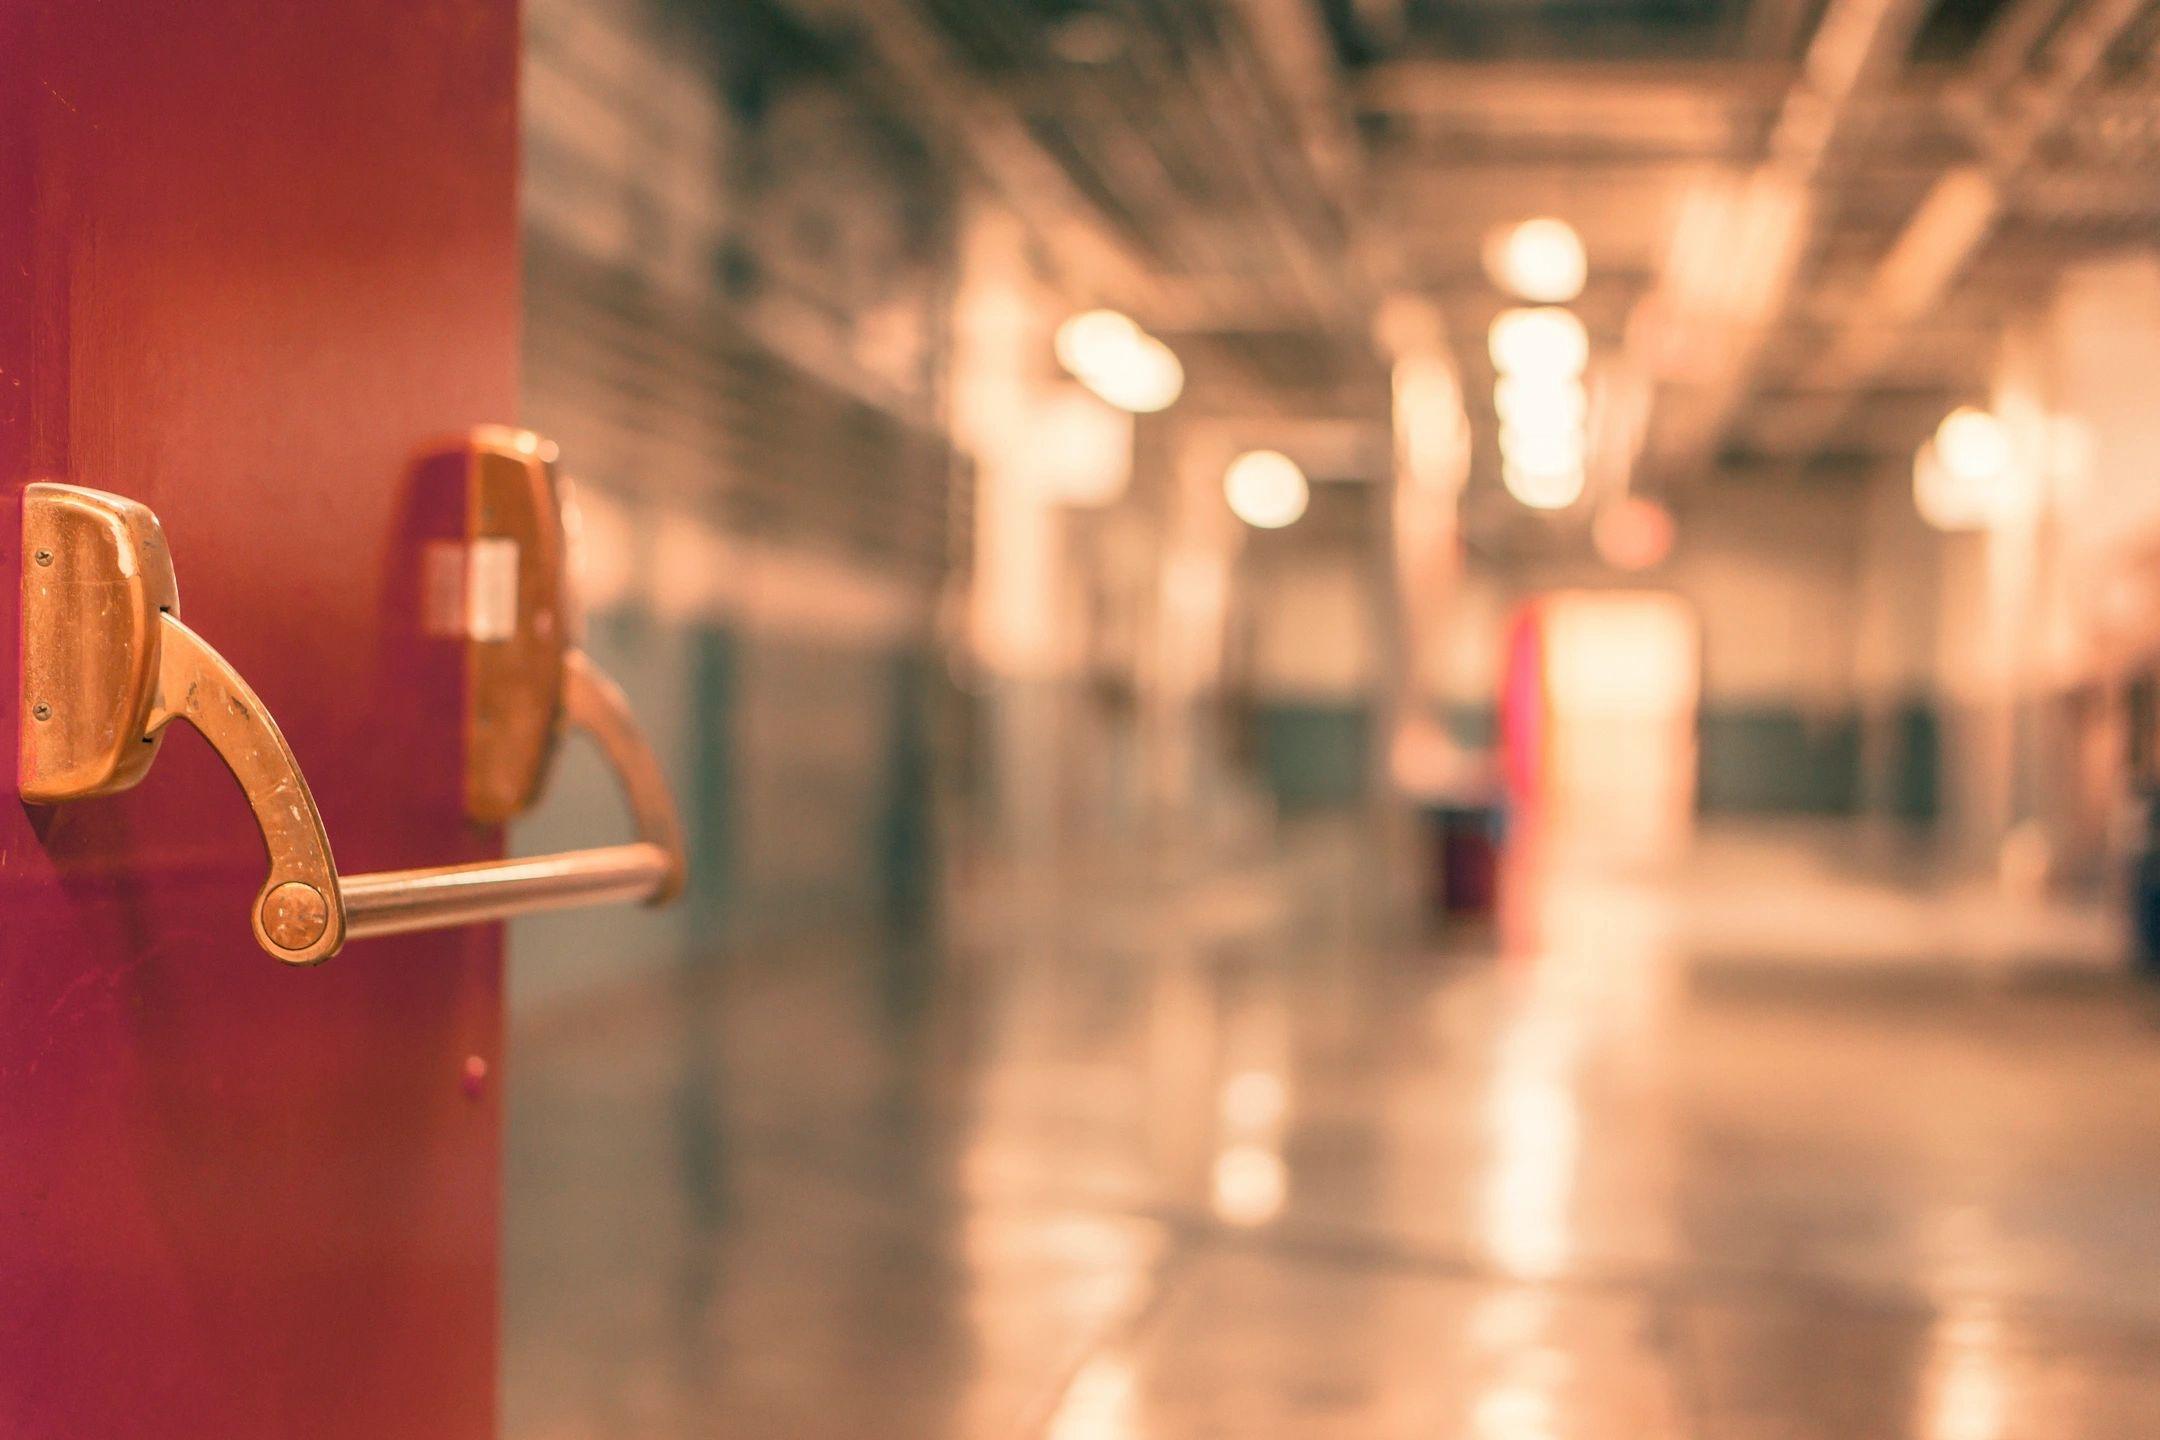 door opening into hallway